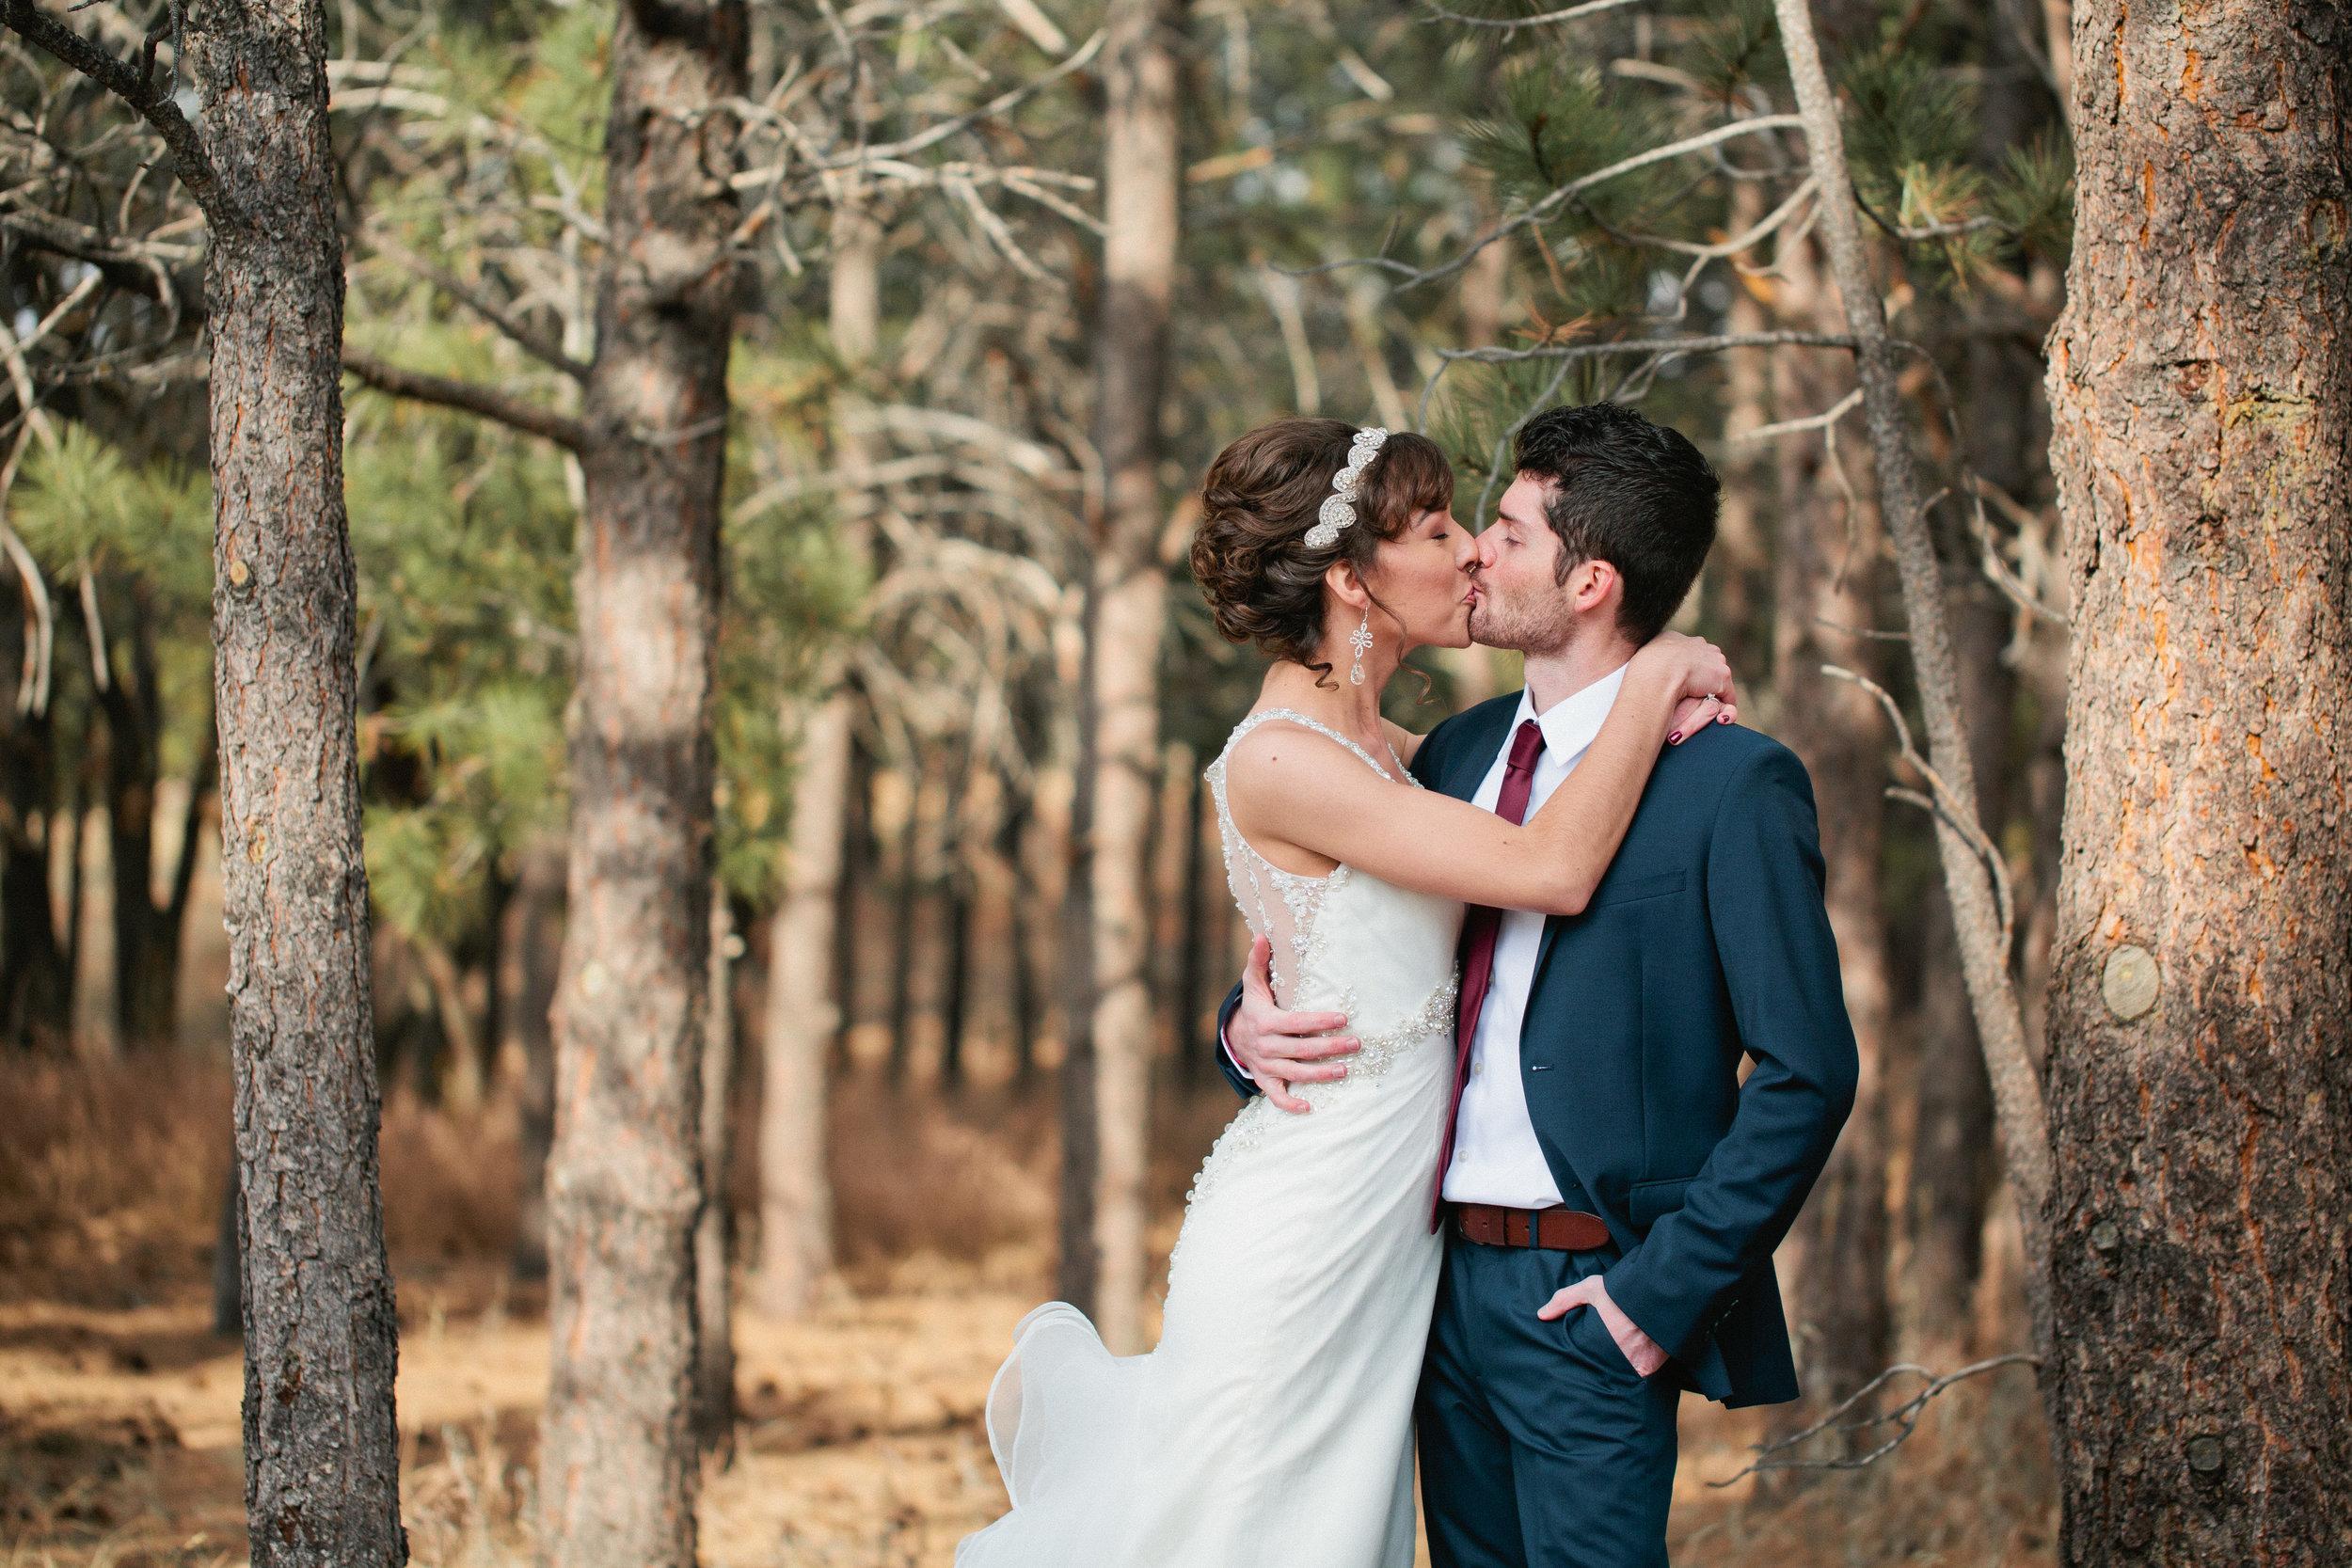 Red Rocks park wedding photos in Colorado Springs